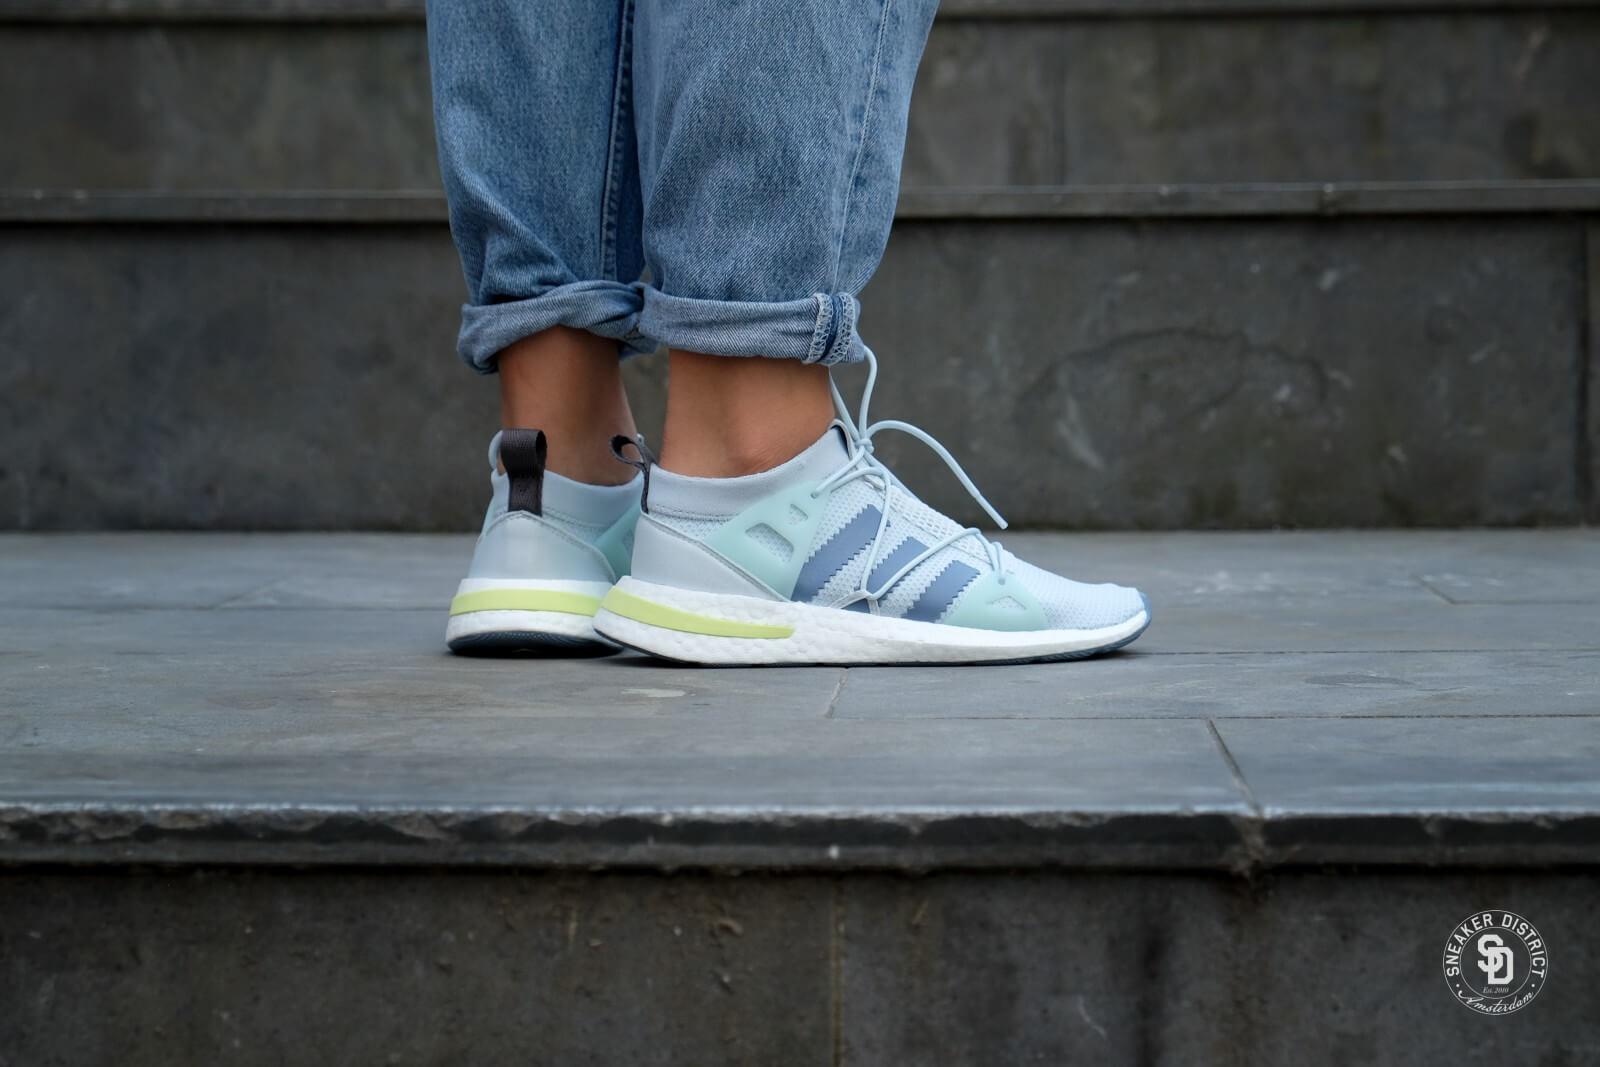 Adidas Women's Arkyn Grey/Blue Tint